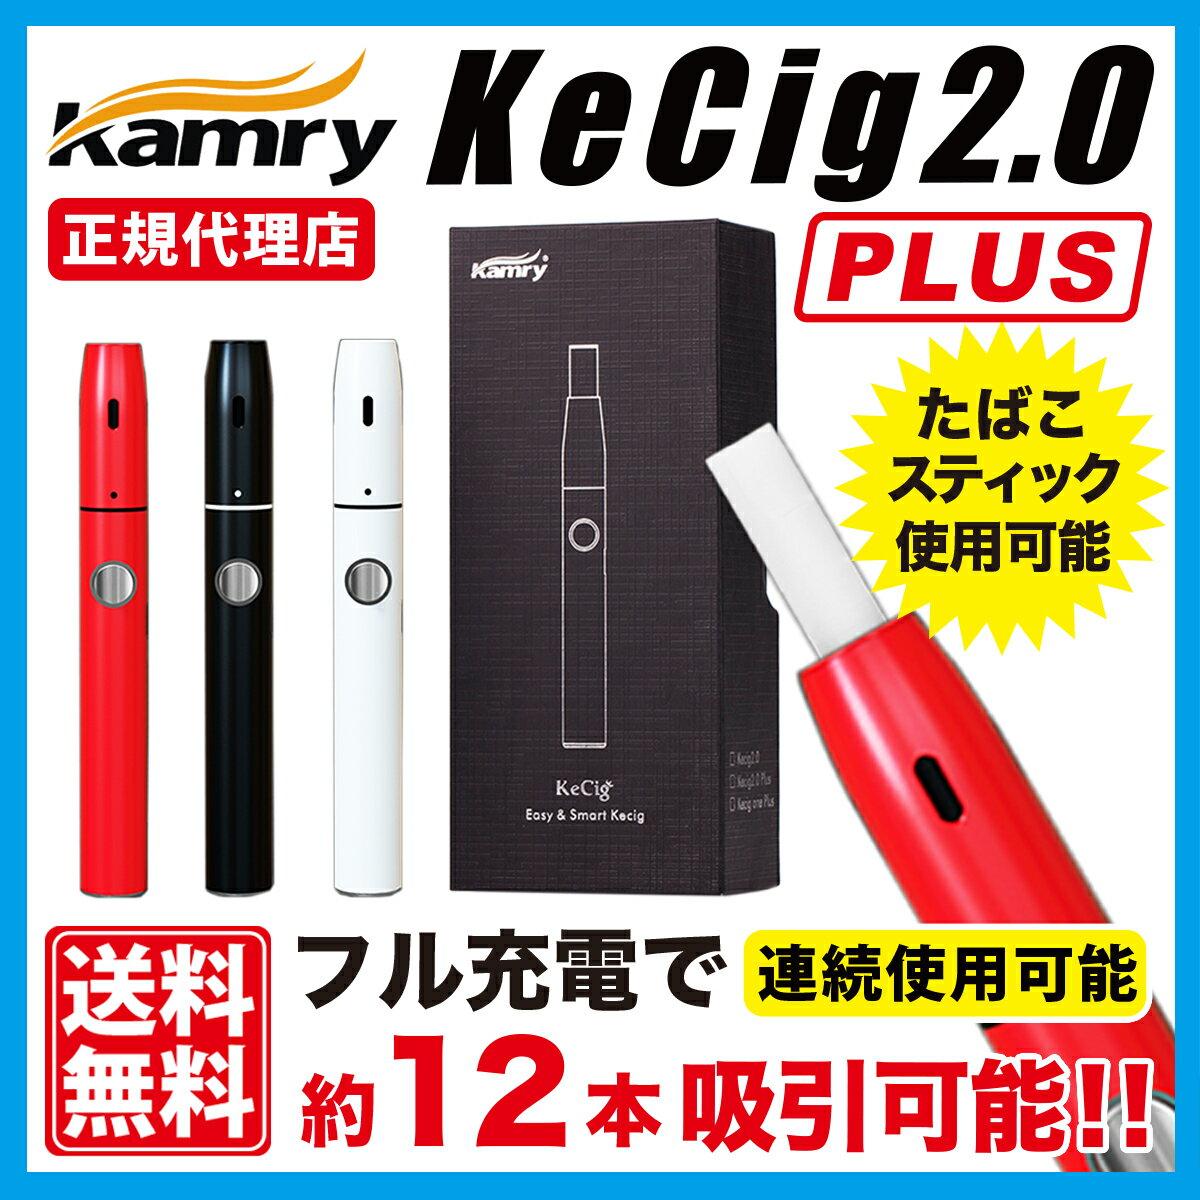 電子タバコ Kamry Kecig 2.0 plus (カムリ ケーシグ 2.0プラス) 加熱式タバコ 互換 E-cig 2.0 ecig アップグレードver ヴェポライザー 巻きたばこ 葉タバコ 加熱式たばこ